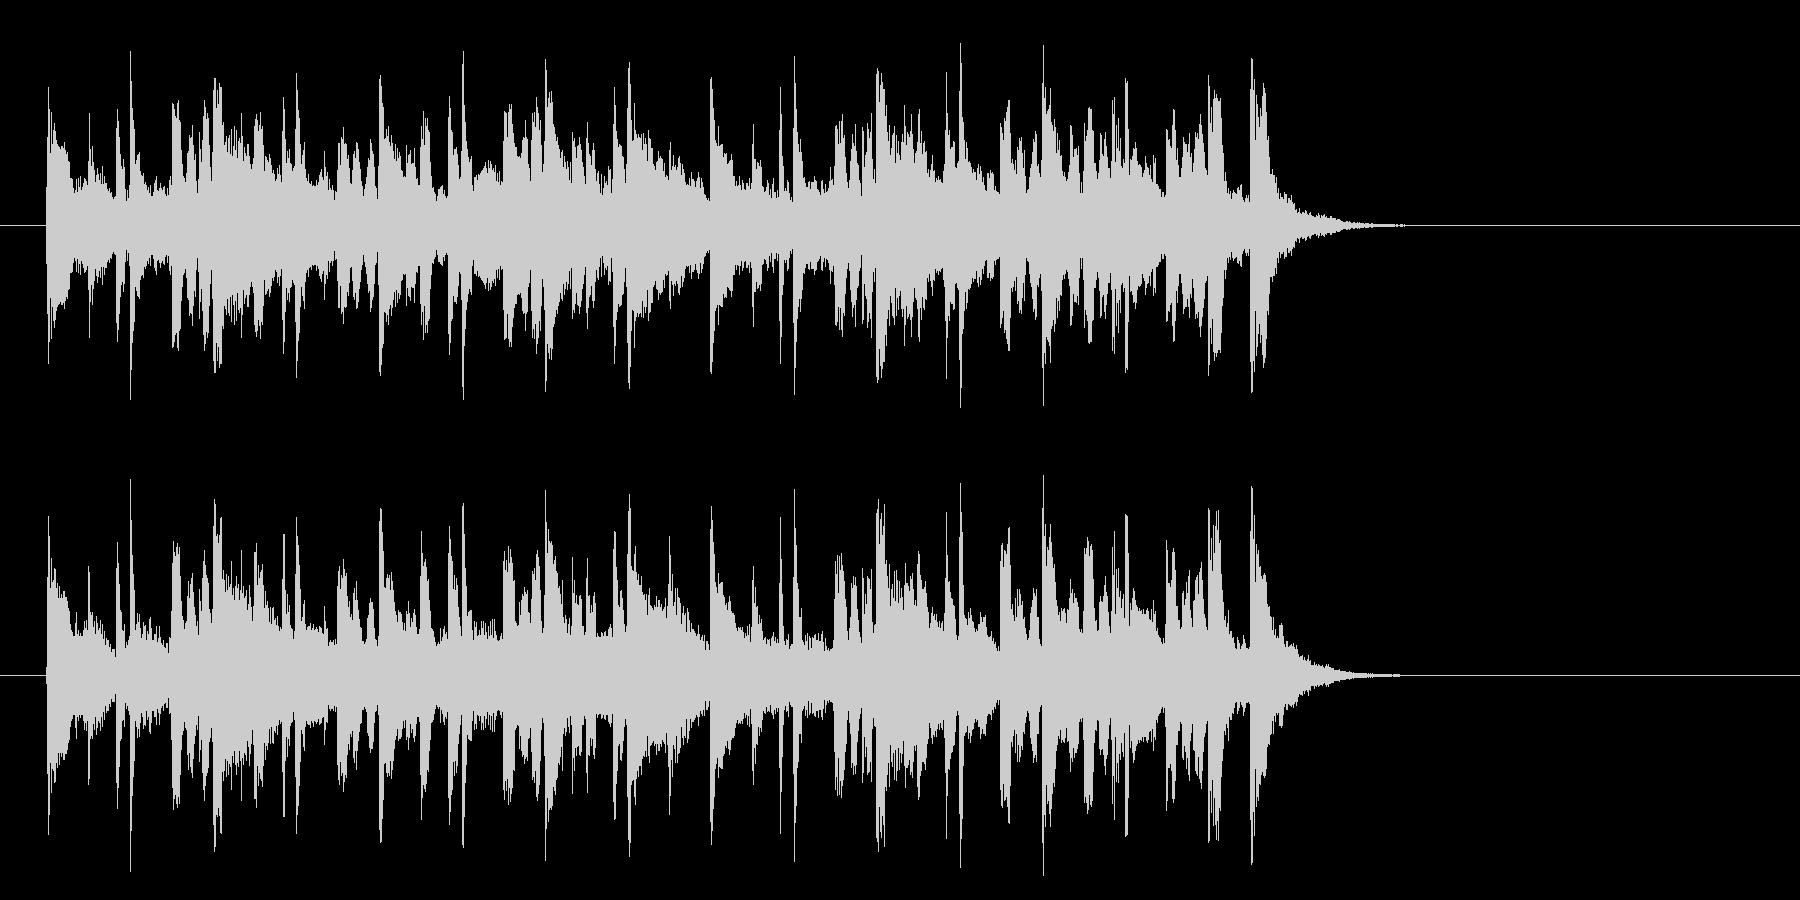 牧場のメルヘンなポップス(Aメロ)の未再生の波形